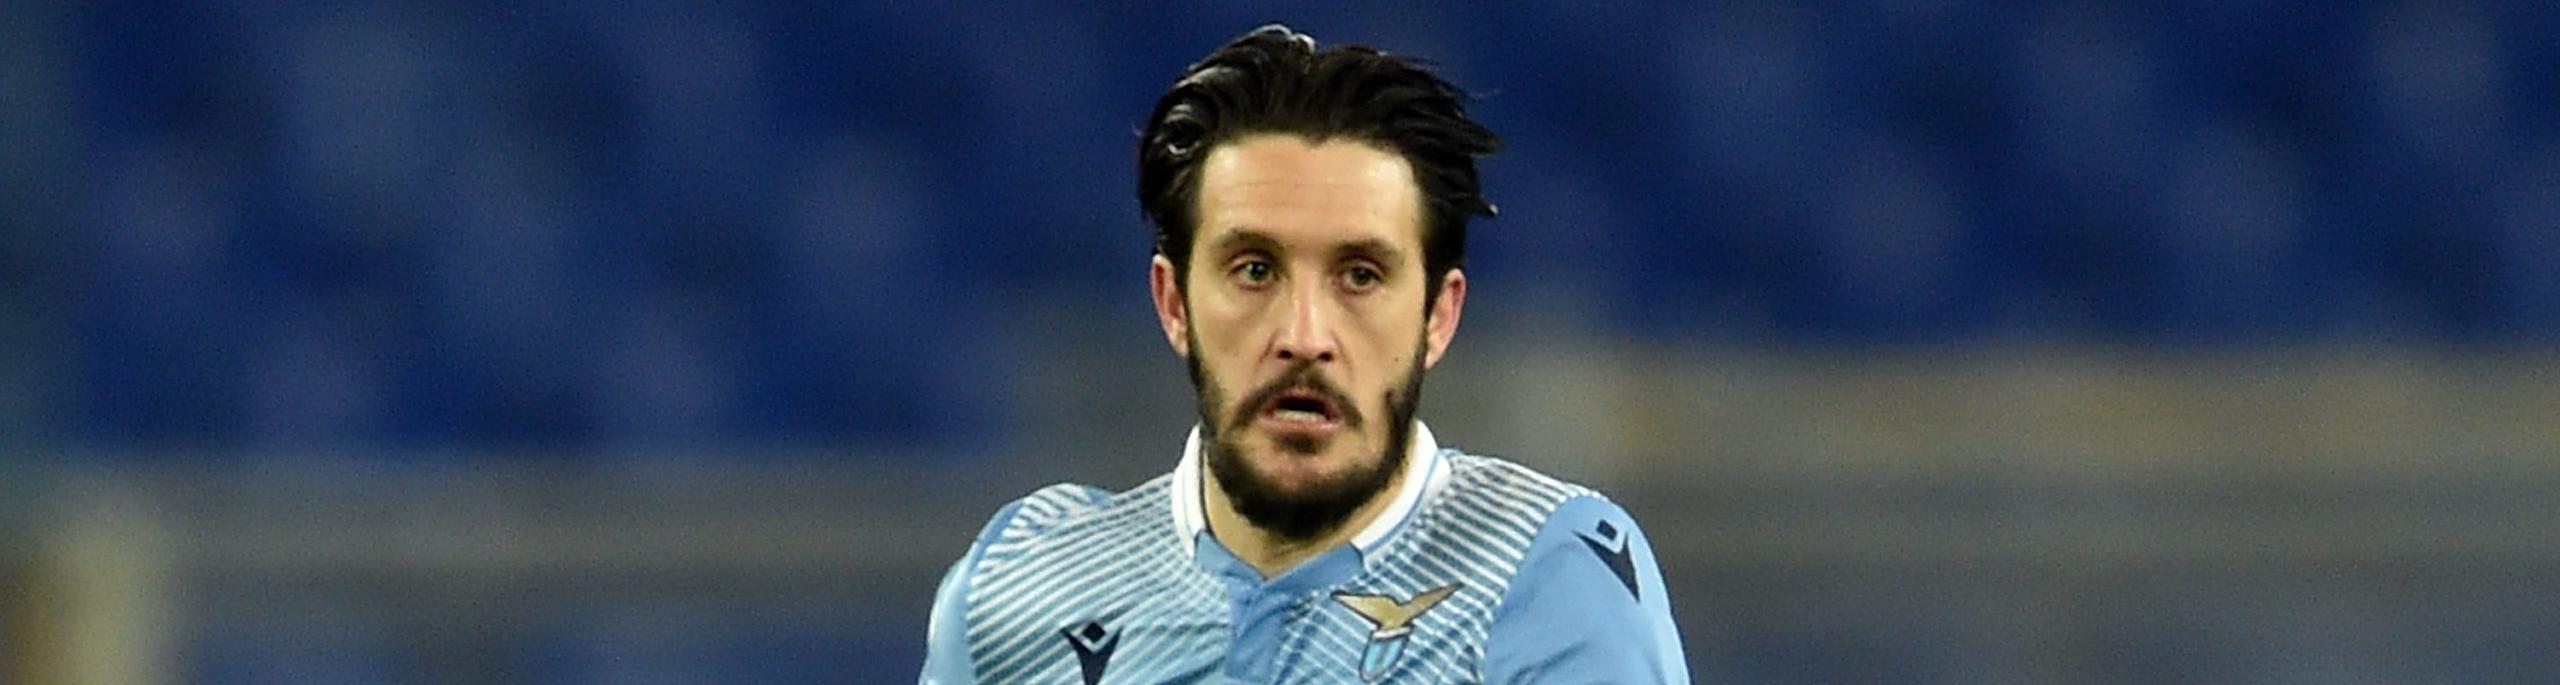 Pronostico Atalanta-Lazio: Dea senza le ali, la Lupa ritrova Luis Alberto